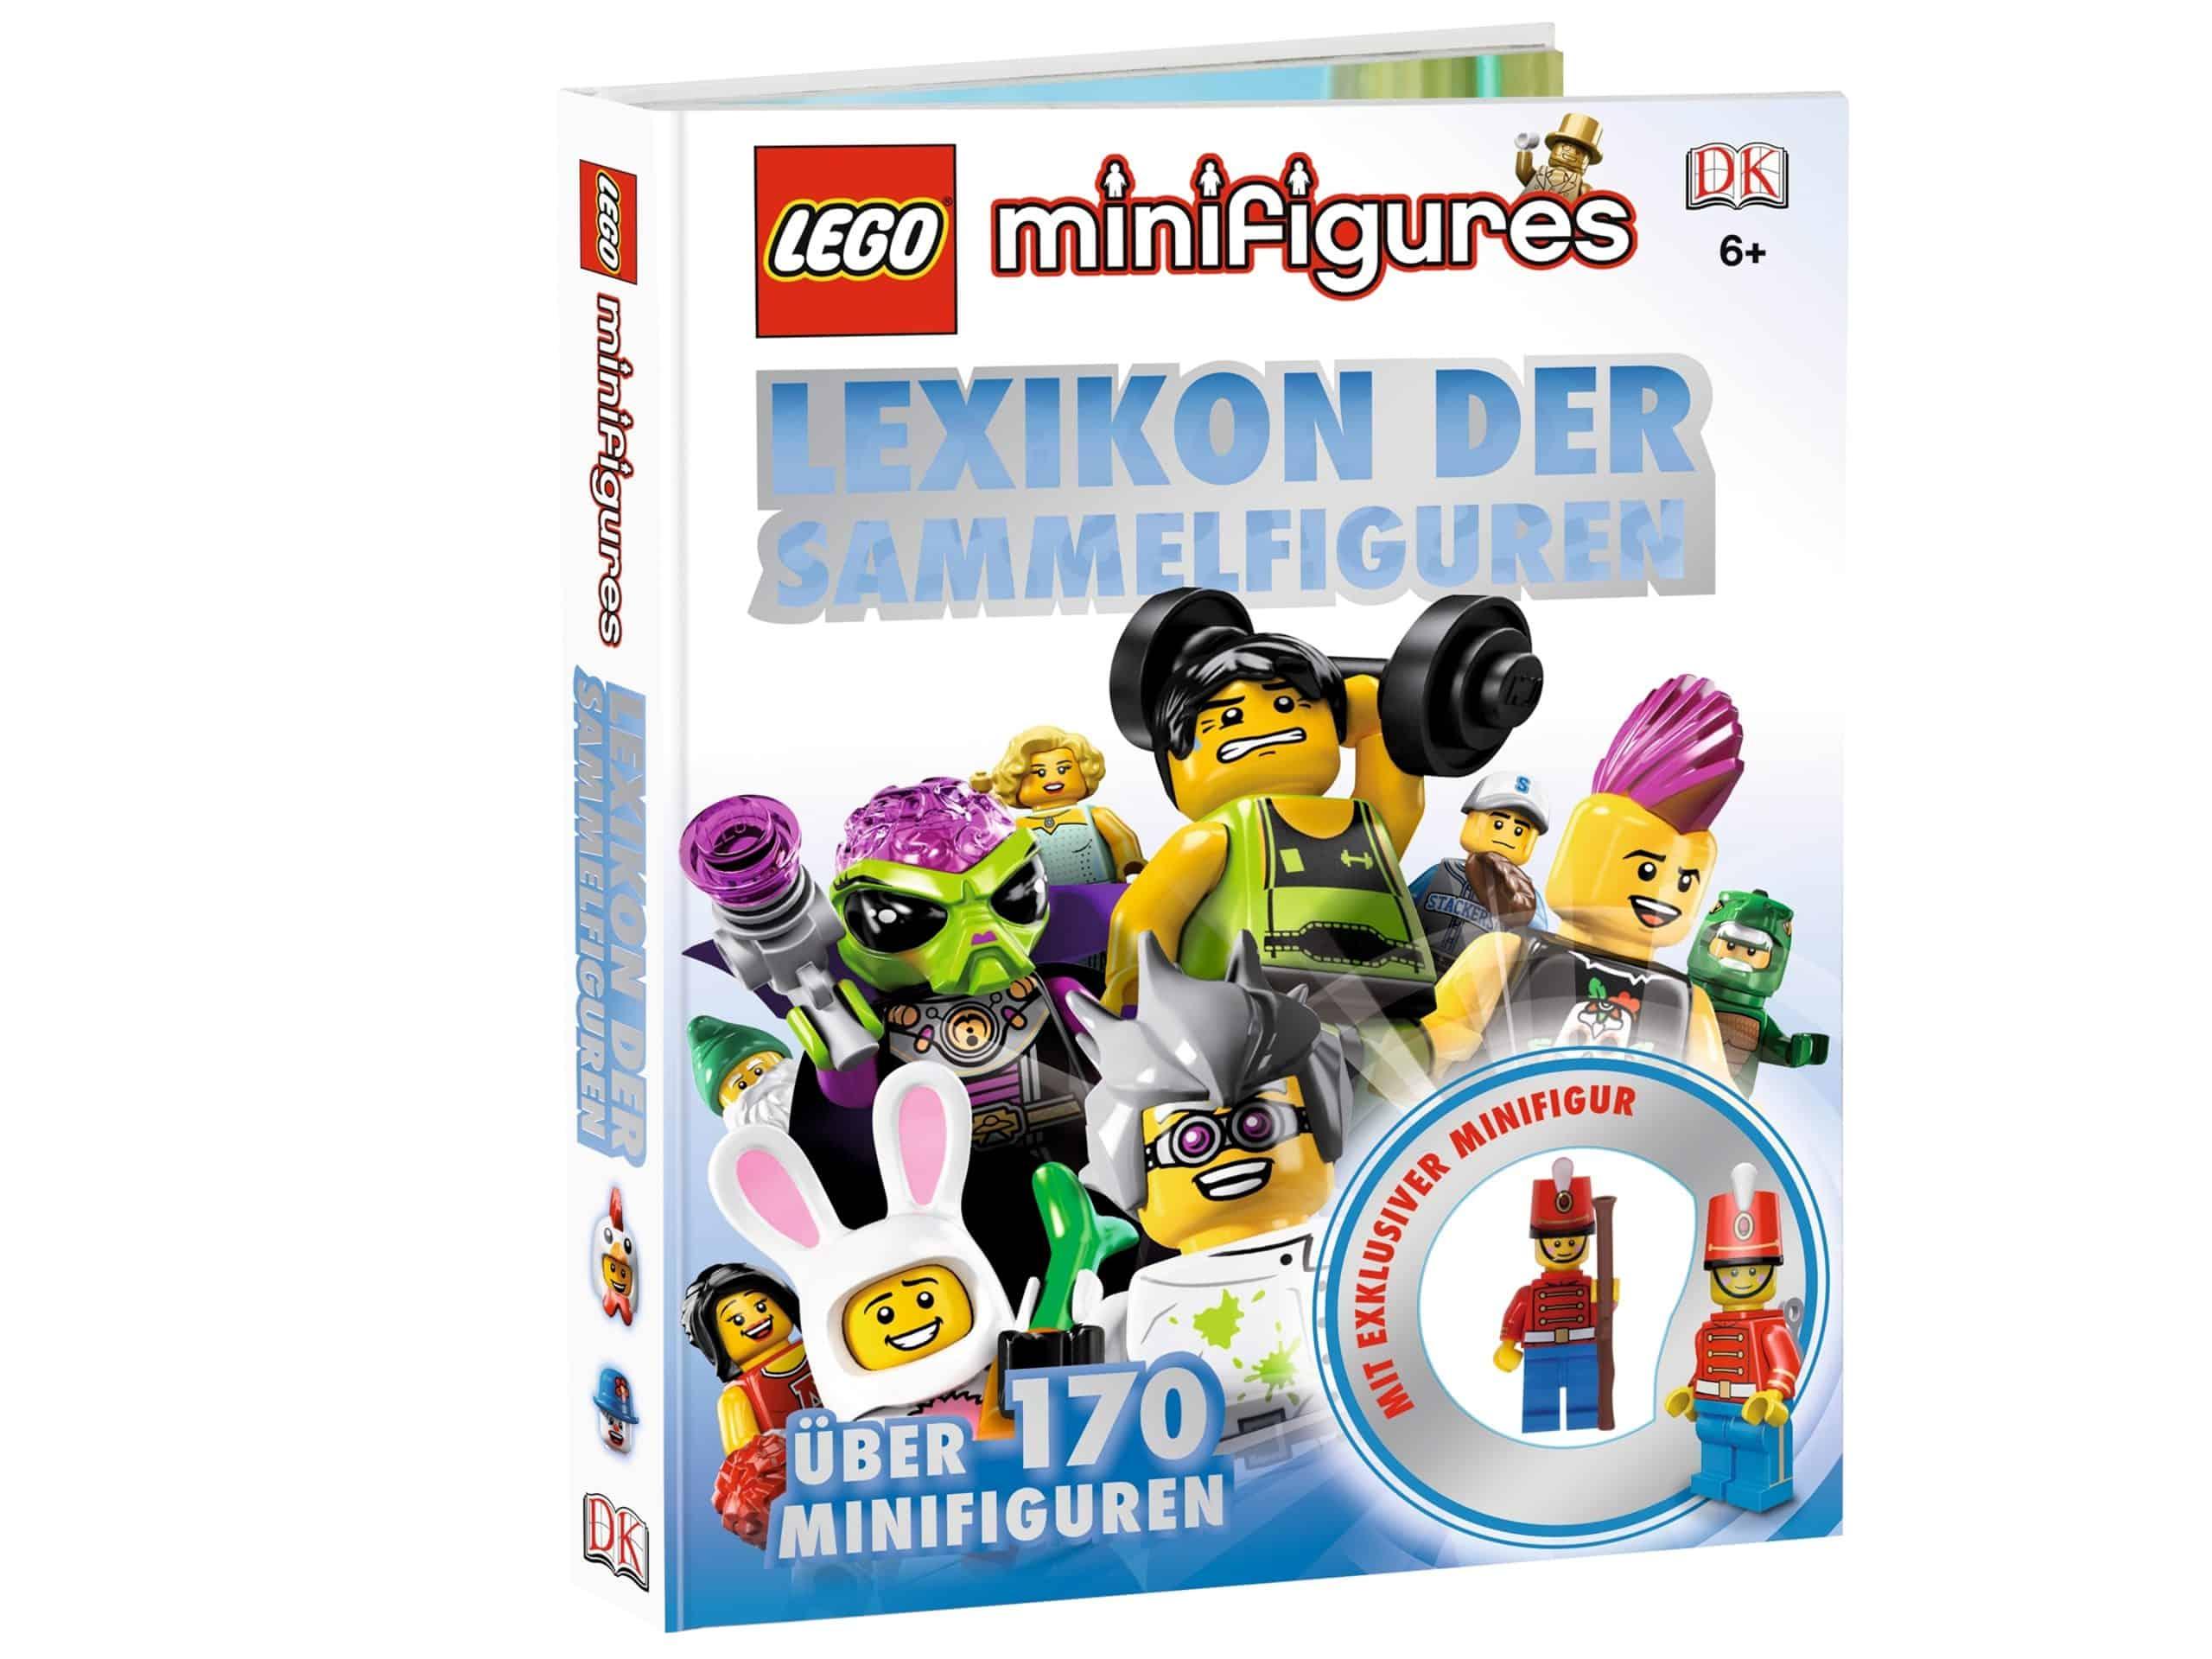 lego 5003843 minifigures lexikon der sammelfiguren scaled